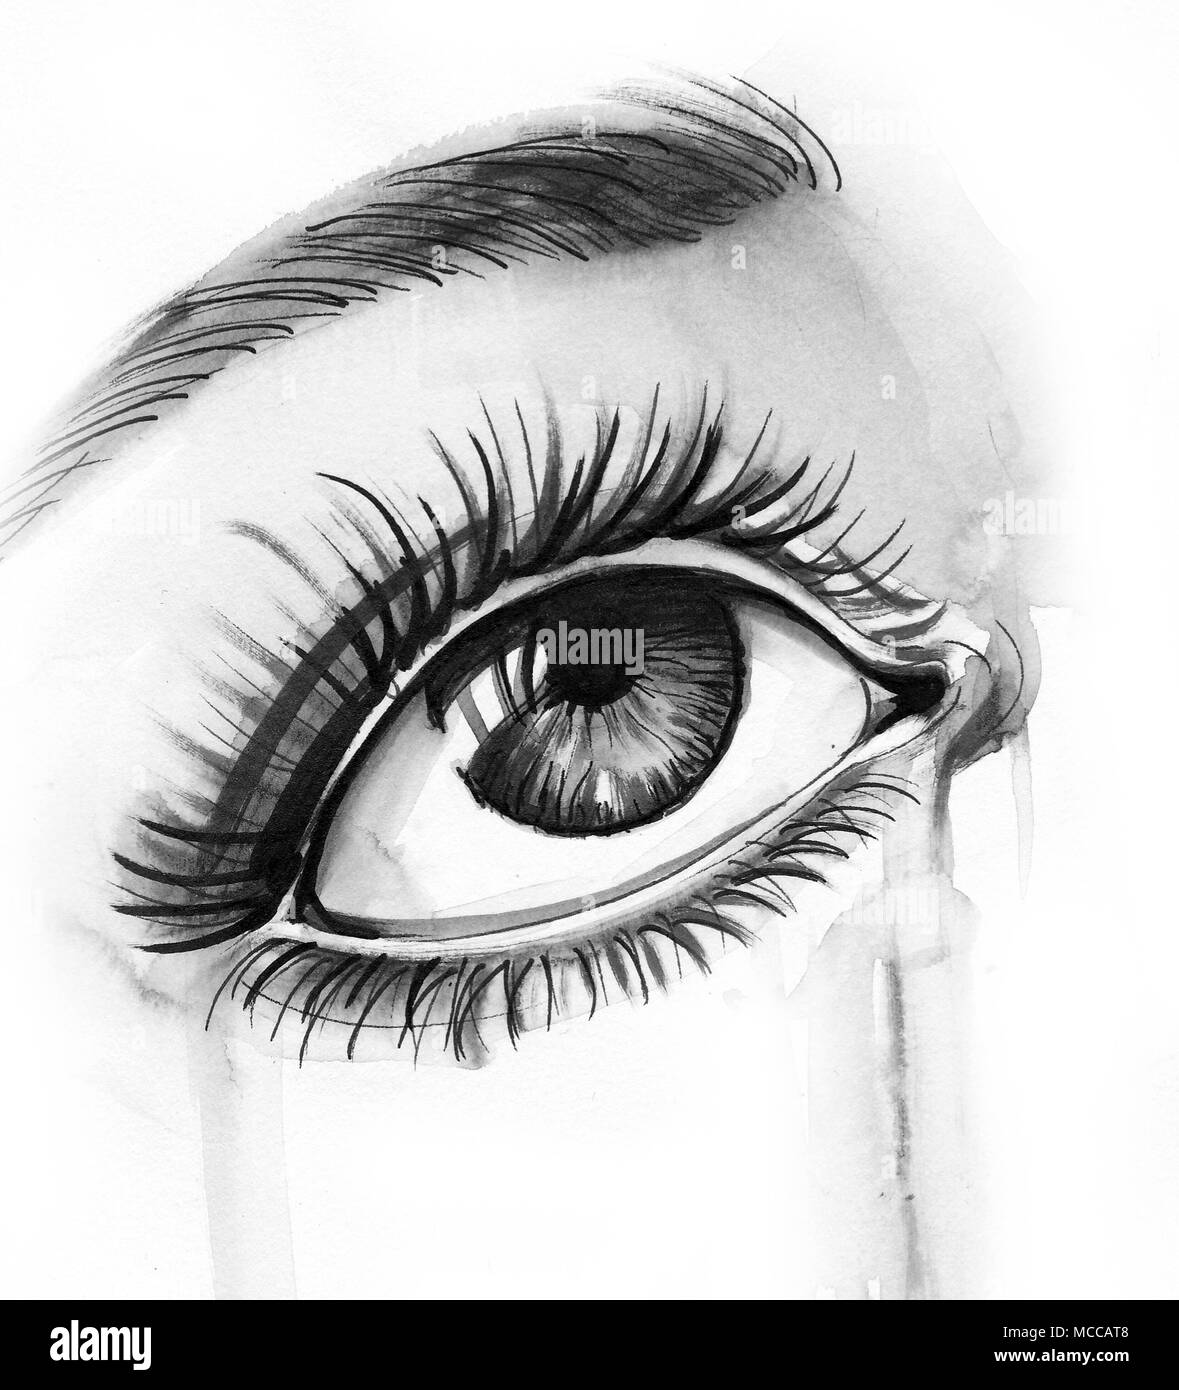 Ojo Llorando Dibujo En Blanco Y Negro De Tinta Foto Imagen De